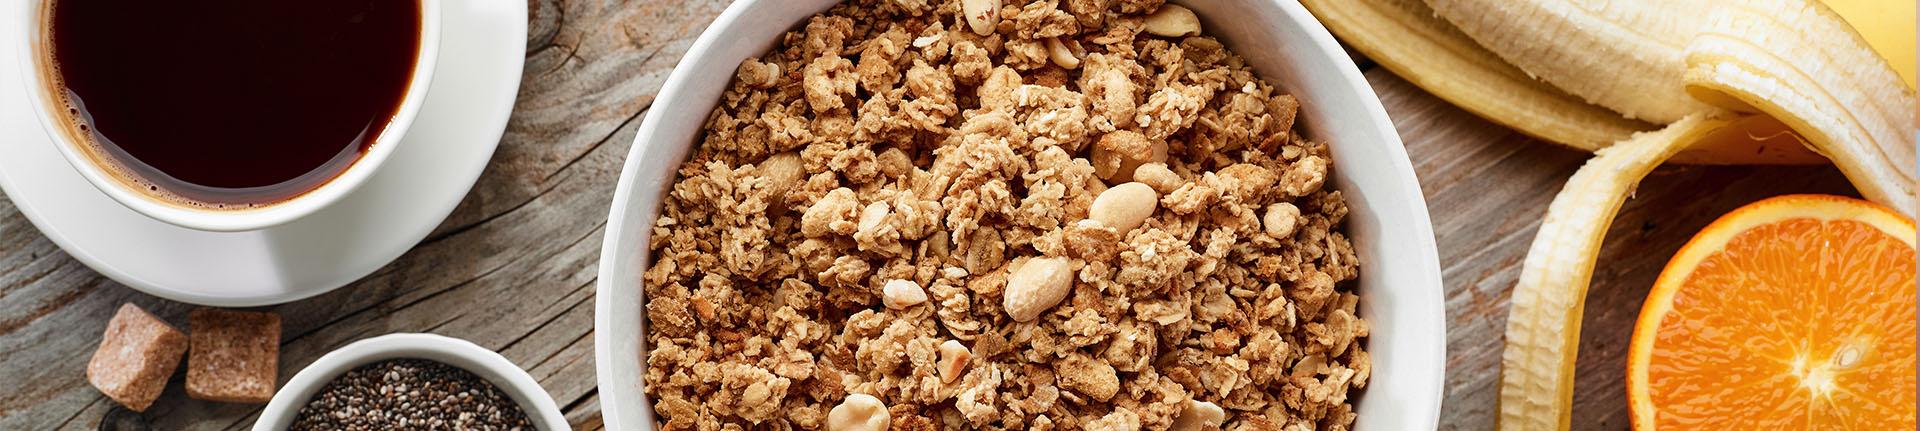 Metabolismo: alimentos e hábitos que o aceleram